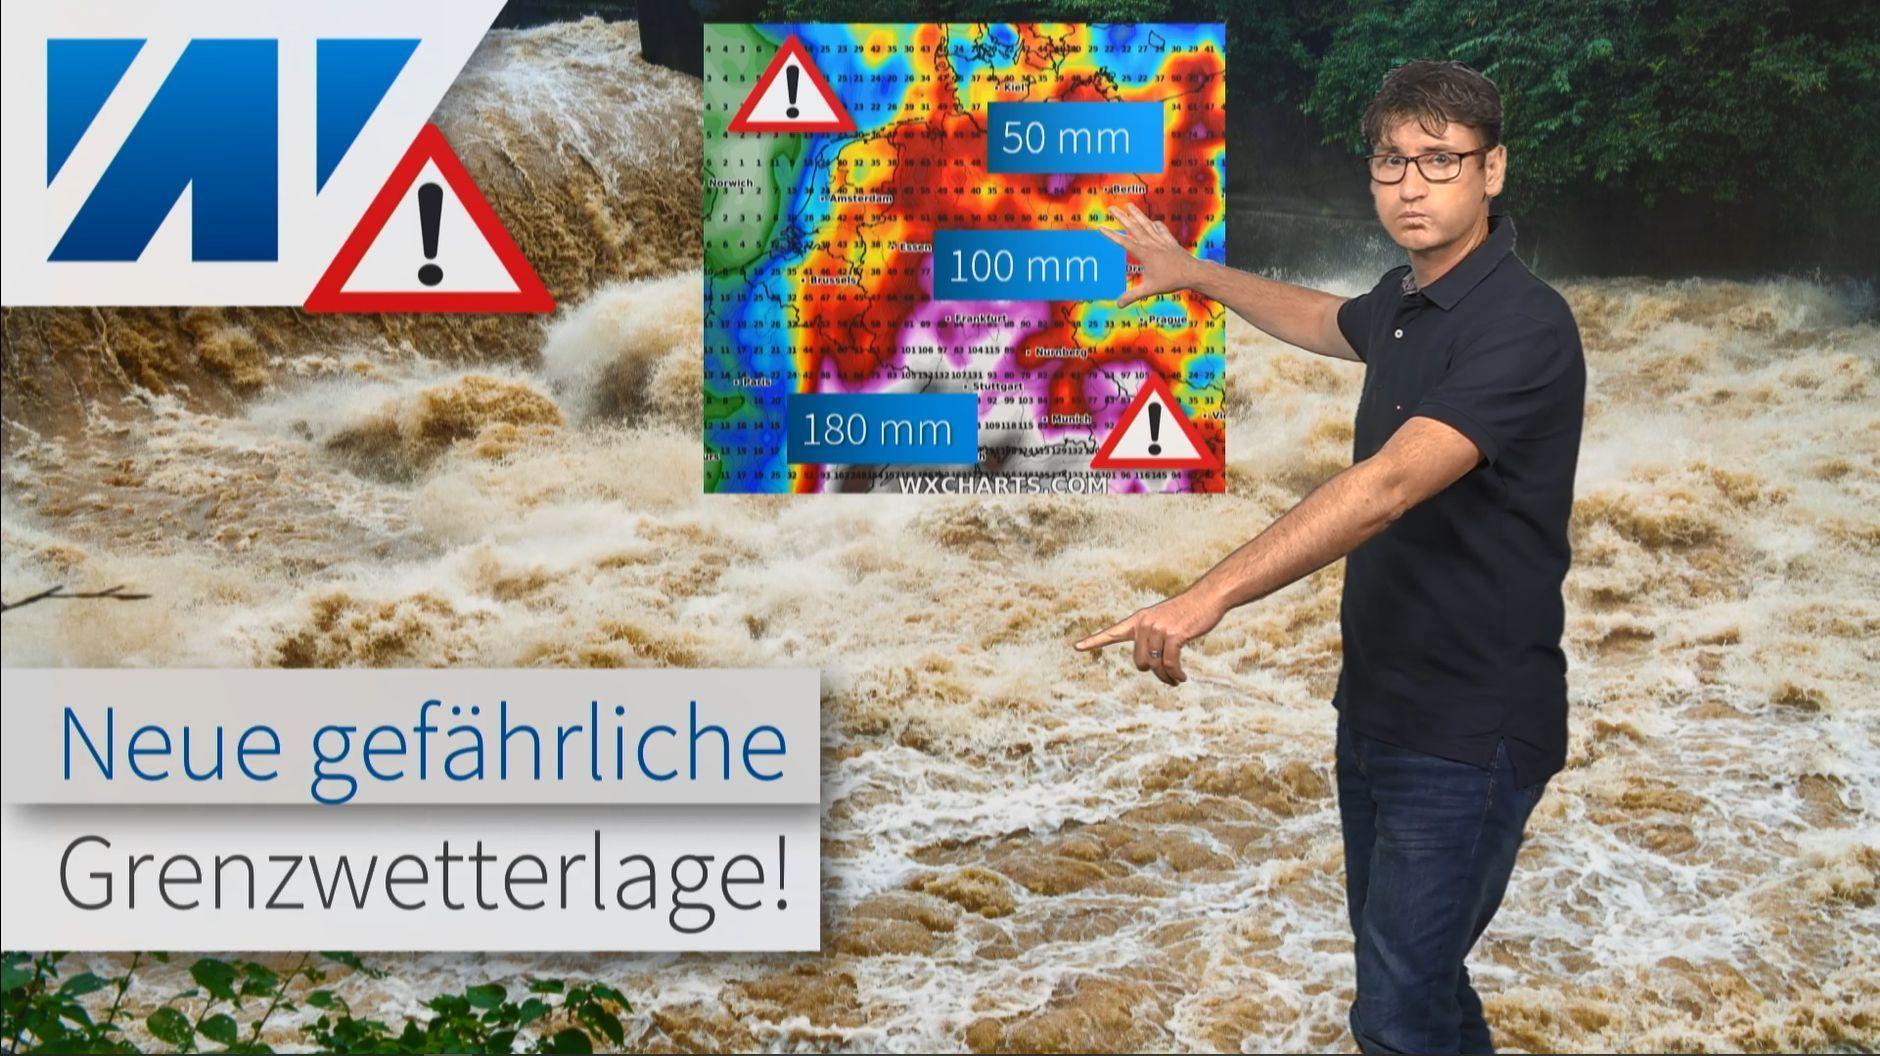 Wetterexperte warnt vor neuer gefährliche Unwetterlage: 180 mm Regen bis Ende Juli!